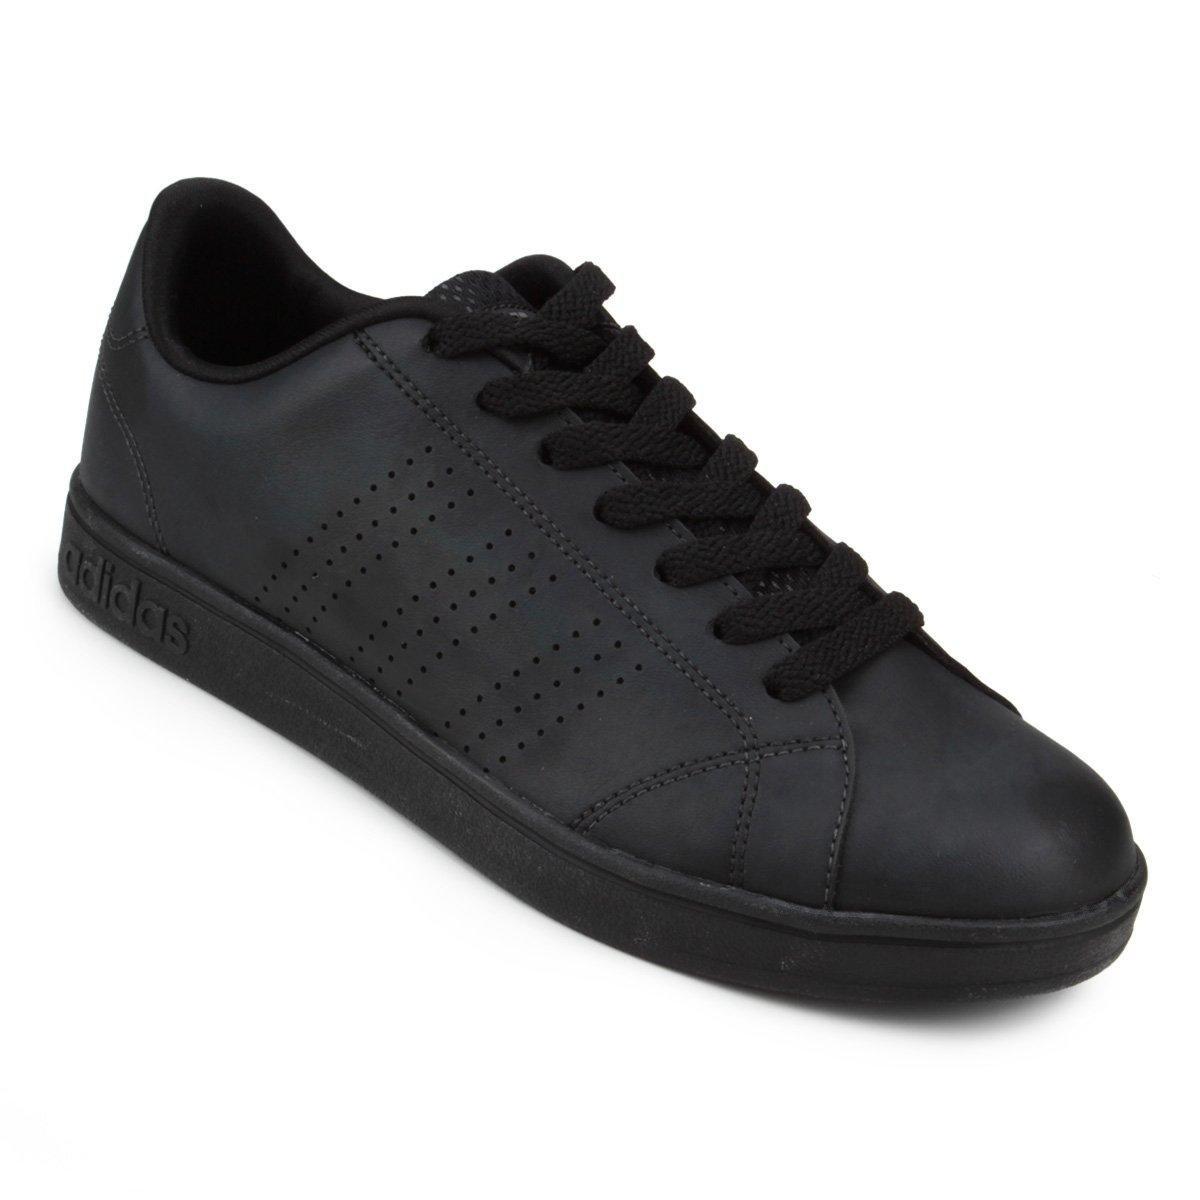 2cec94ccd Tênis Adidas Vs Advantage Clean Masculino - Preto - Compre Agora ...